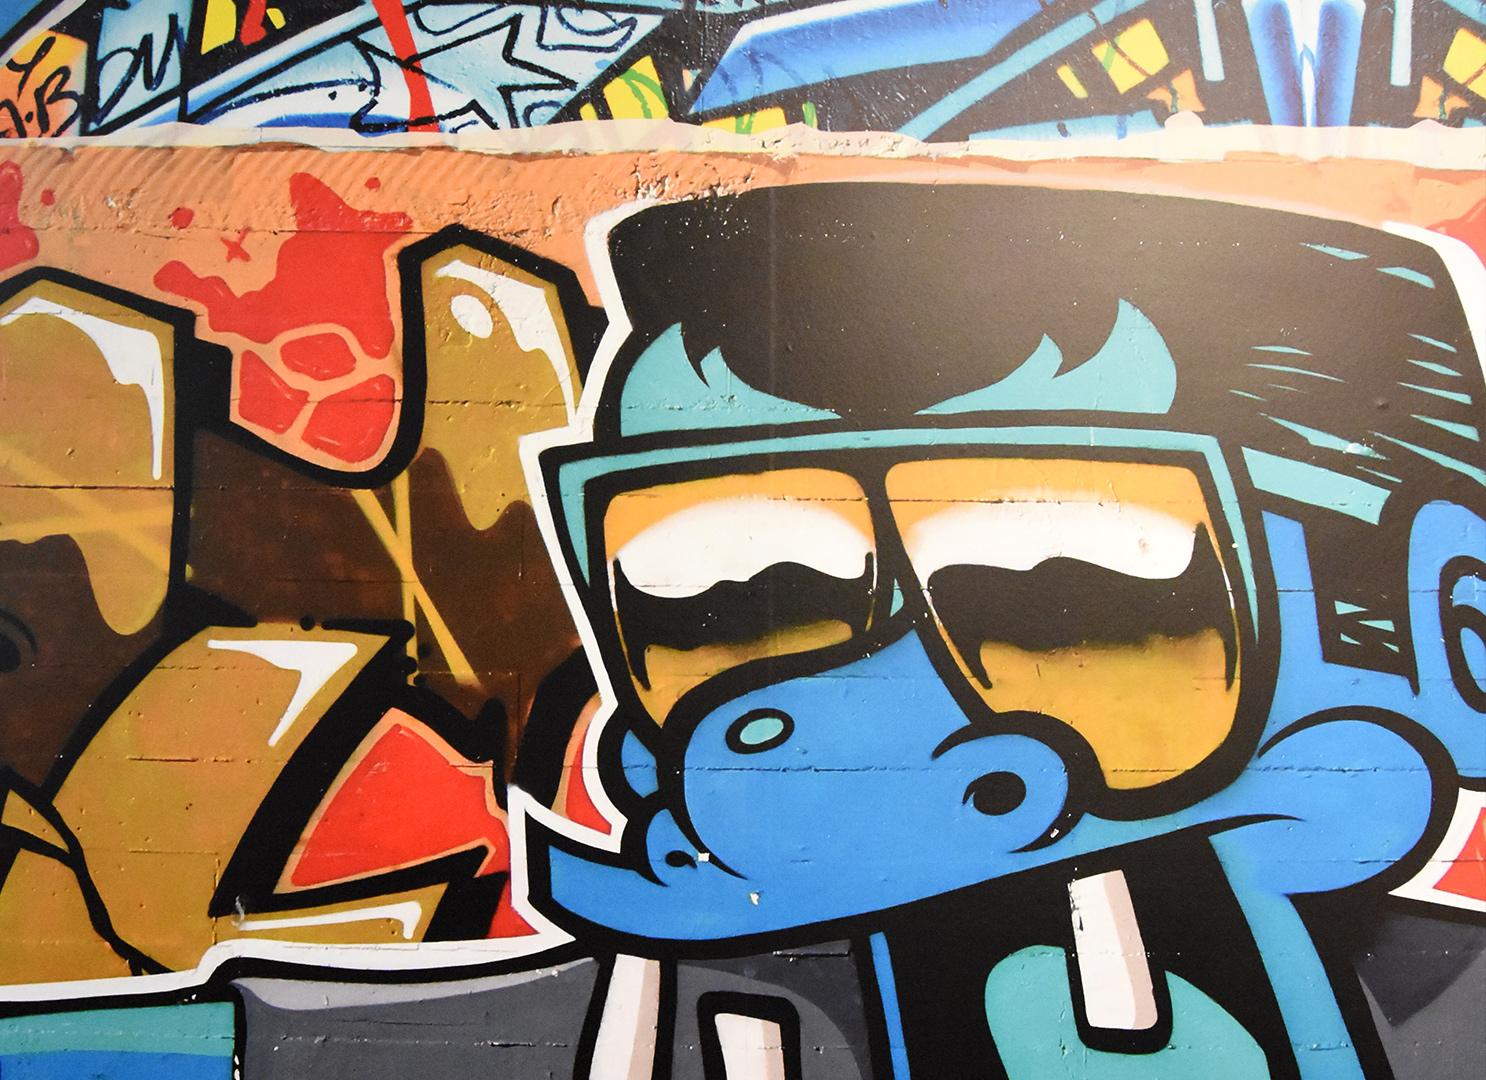 NPC-large-graffiti-wall-03.jpg